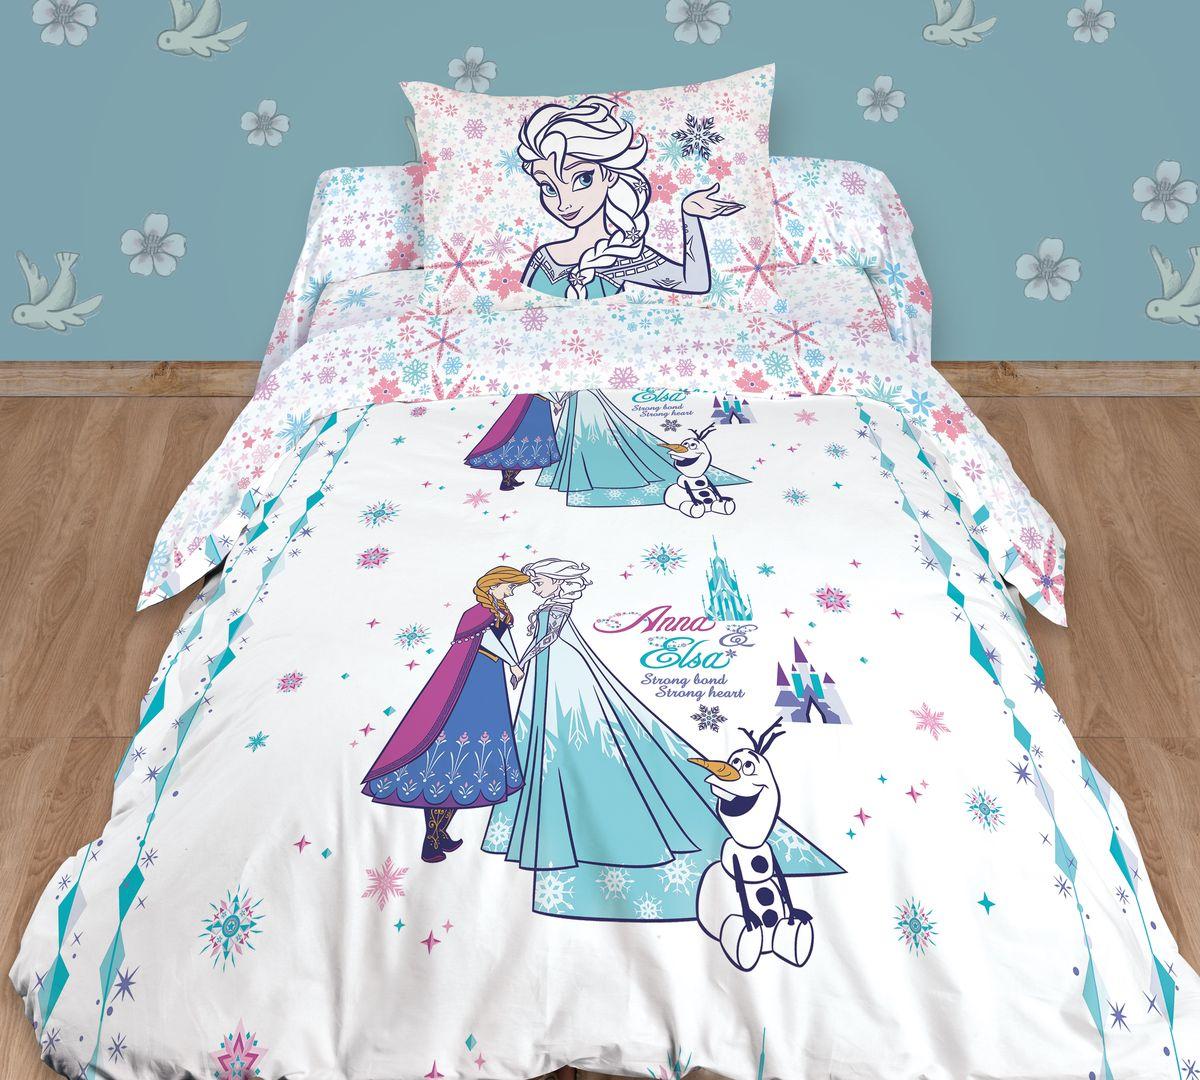 """Невероятно красочное постельное белье """"Disney"""" украсит детскую комнату и  подарит ребенку  отличное настроение на весь день.  Этот комплект выполнен из ранфорса, отличается прекрасной  прочностью и подходит для ежедневного использования. Белье имеет гладкую матовую поверхность, которая очень  приятна на ощупь и выглядит одинаково эстетично с лицевой и изнаночной стороны. Постельное  белье великолепно сохраняет яркость красок и даже после многочисленных  стирок выглядит так, будто куплено вчера.  В комплект входят наволочка, простыня и  пододеяльник.  Комплект станет замечательным дополнением к интерьеру детской комнаты."""